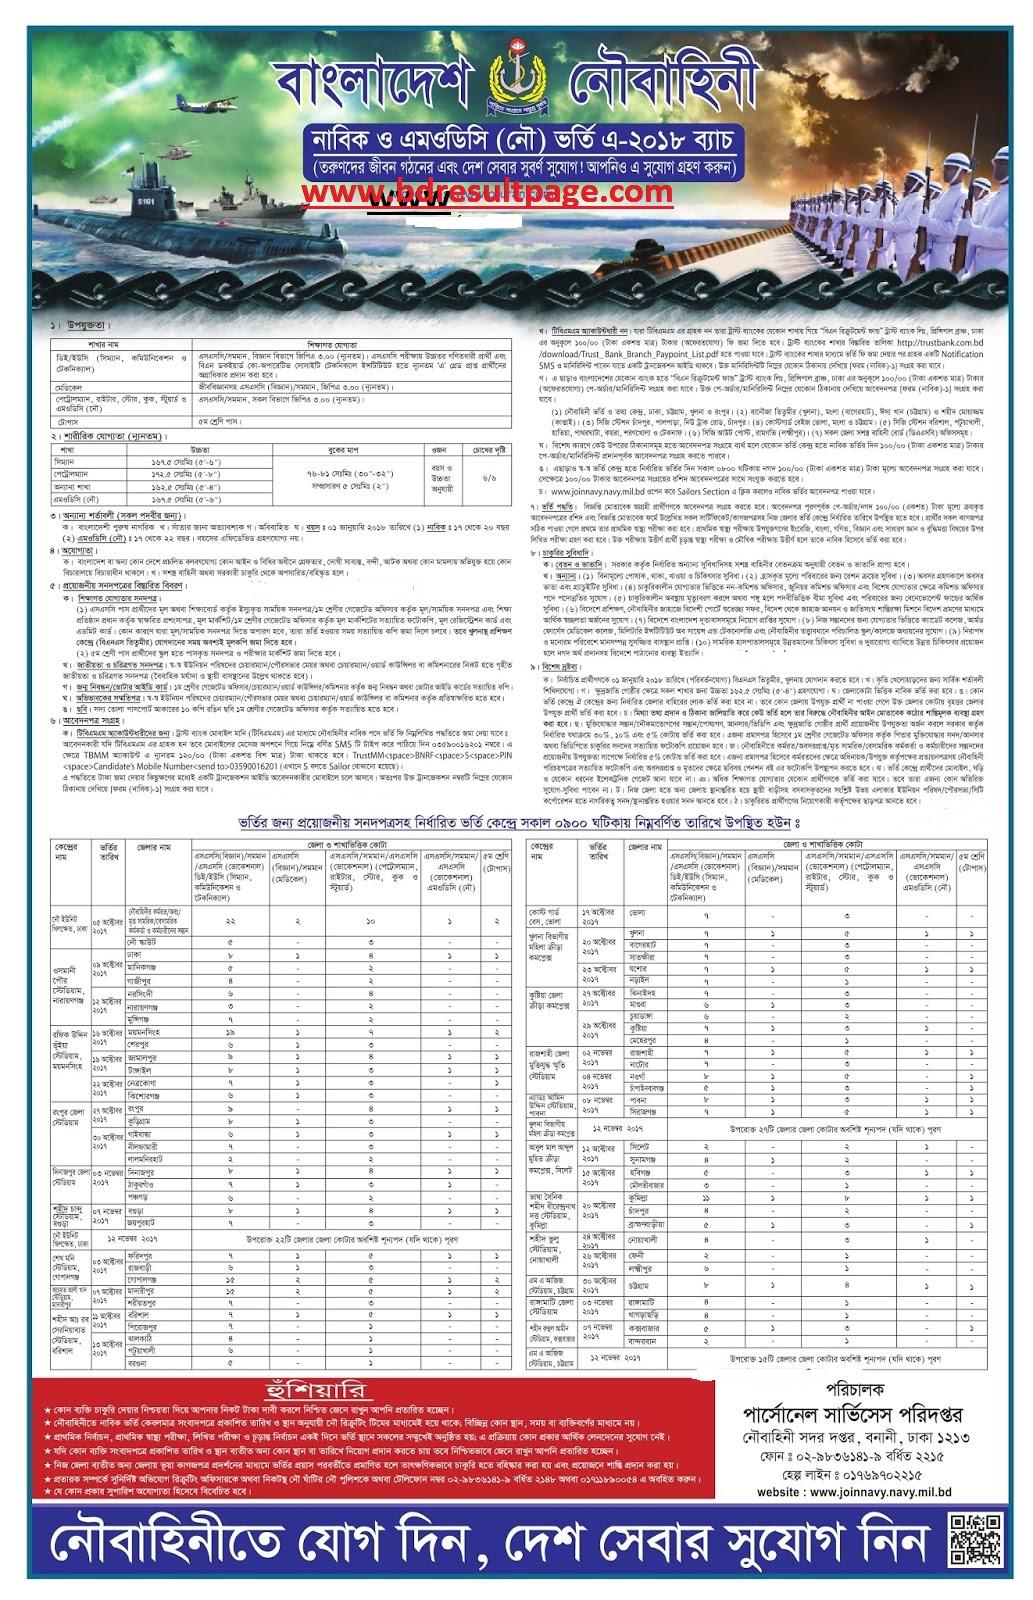 Bangladesh Navy Job OpportunitySeptember 2017